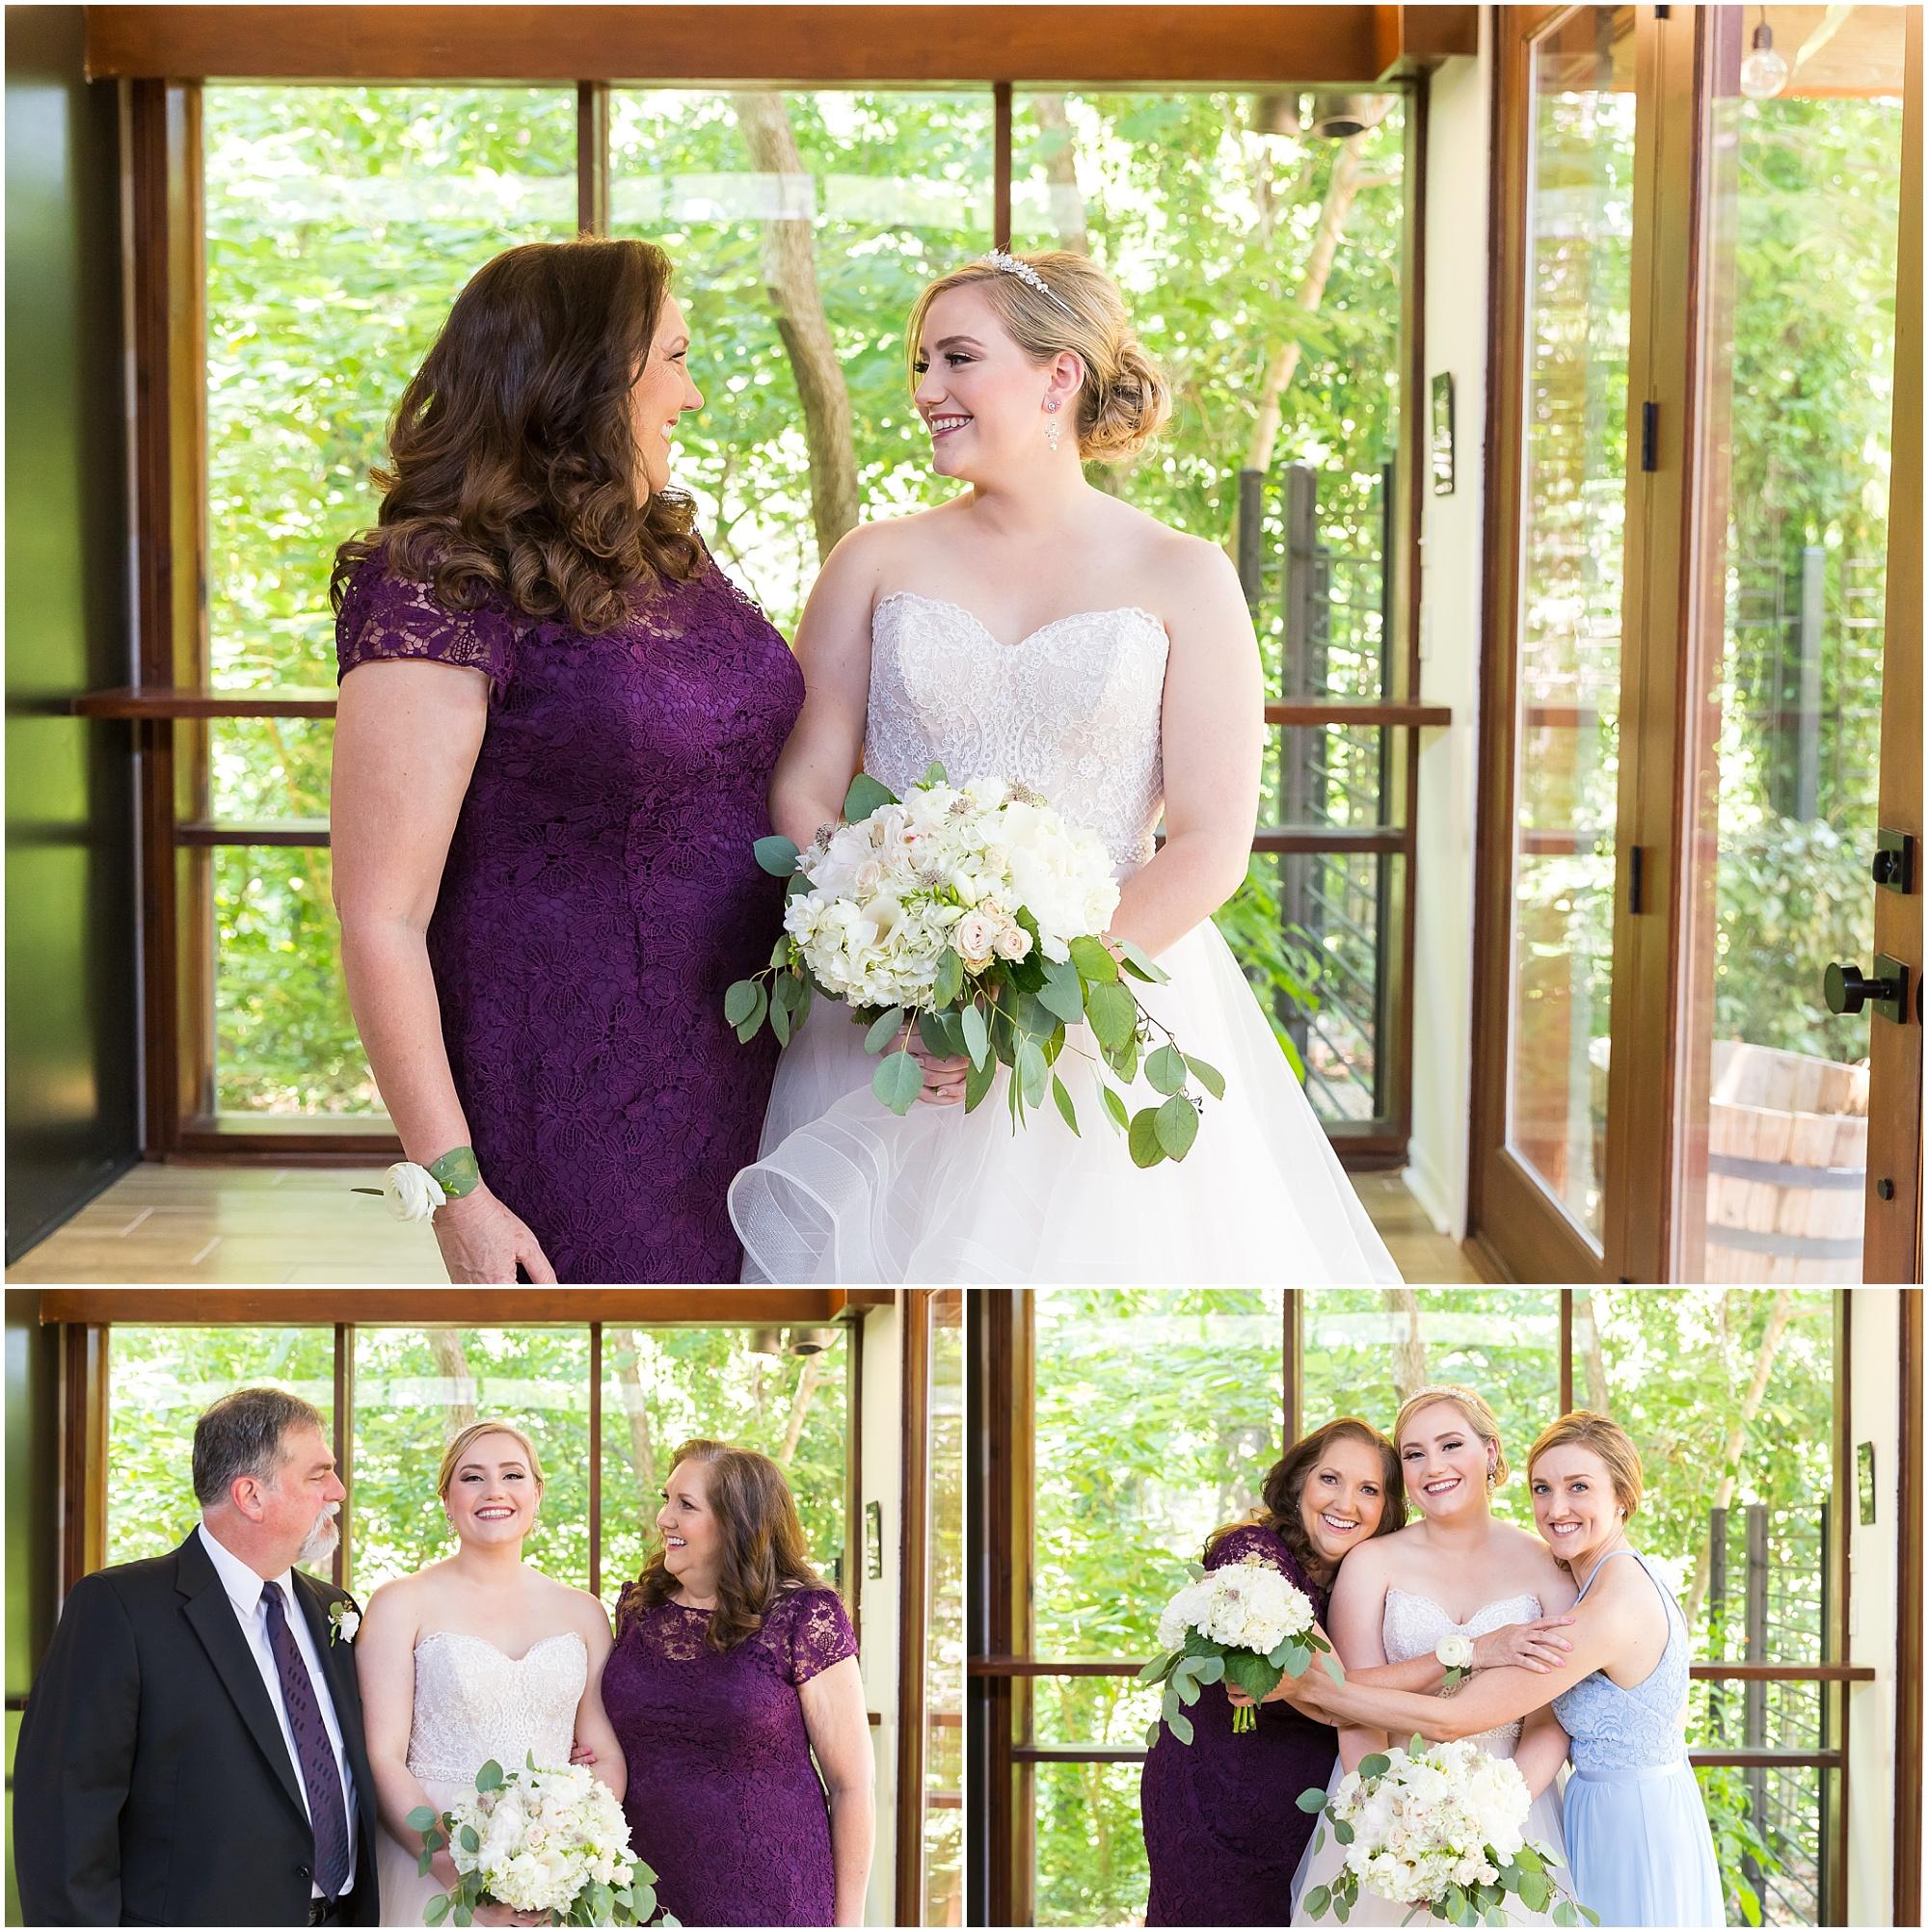 Bridal party at Fixer Upper house in Waco, Texas - www.jasonandmelaina.com